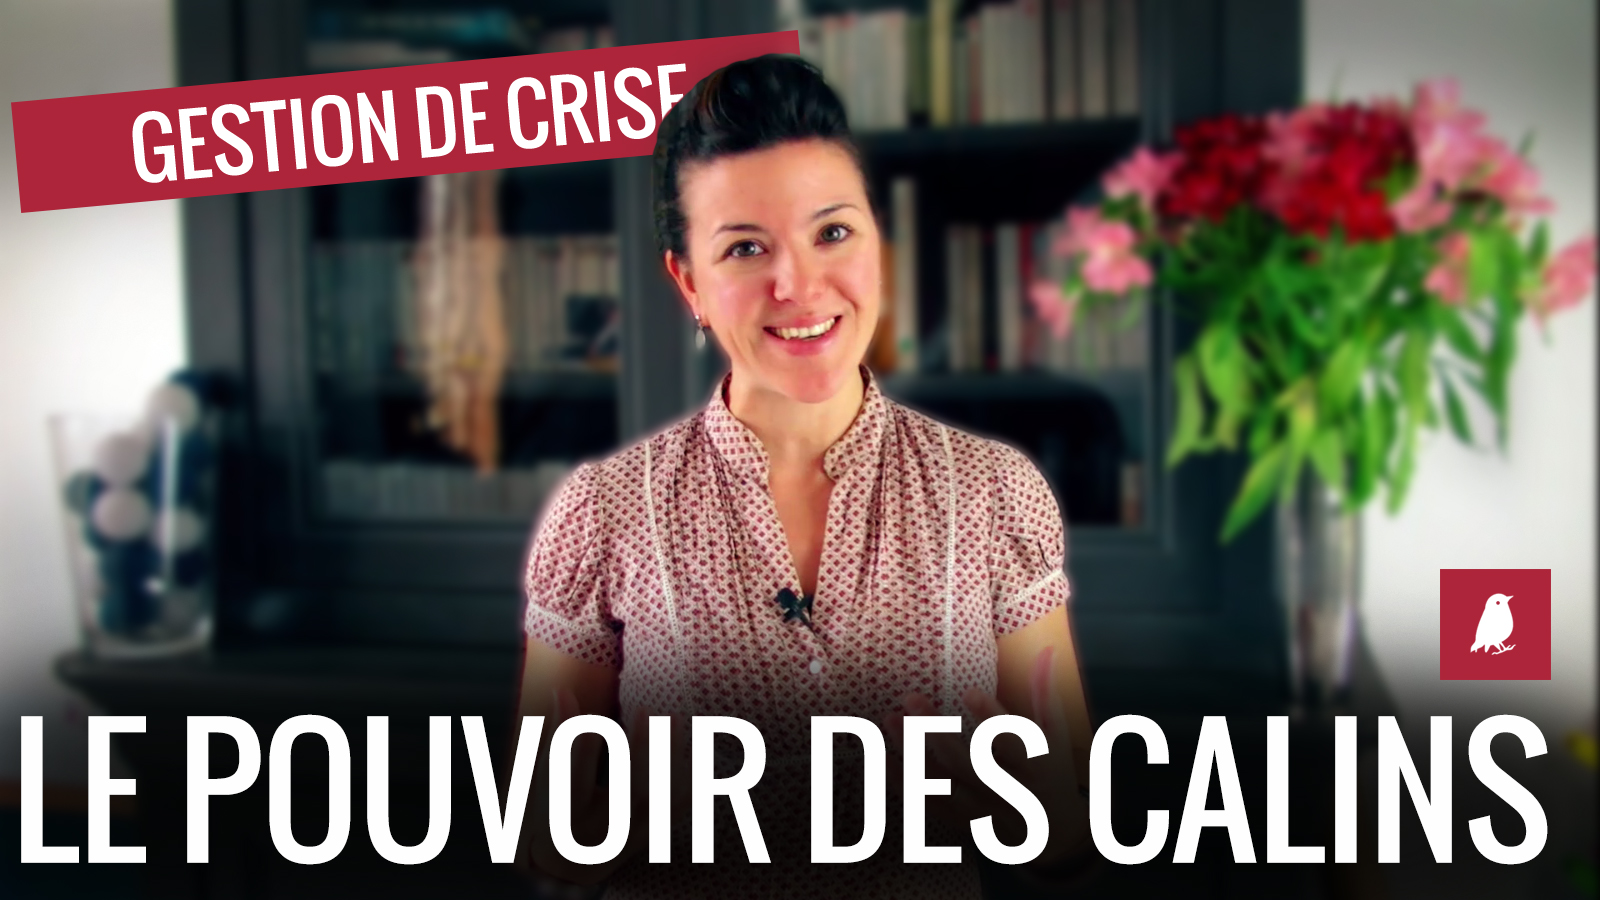 CRISE = CÂLIN